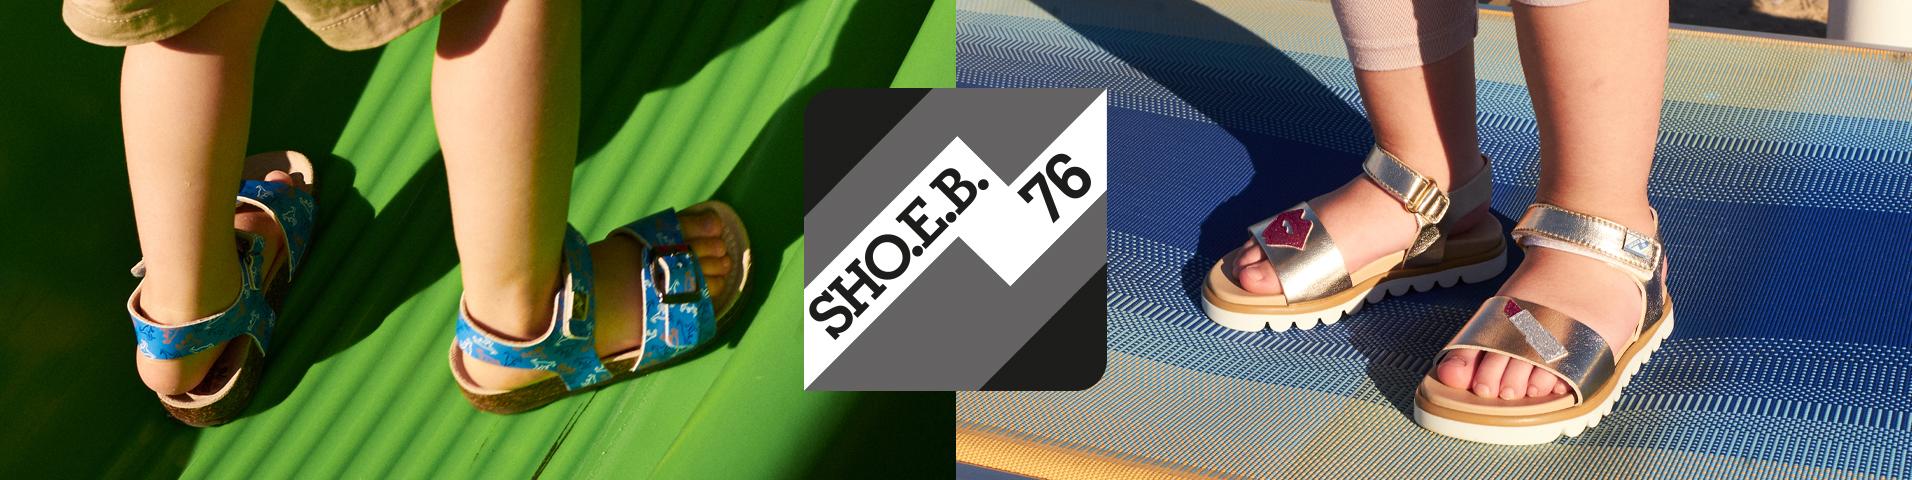 Stövlar | Barn Storlek 32 | Köp barnstövlar online på Zalando.se